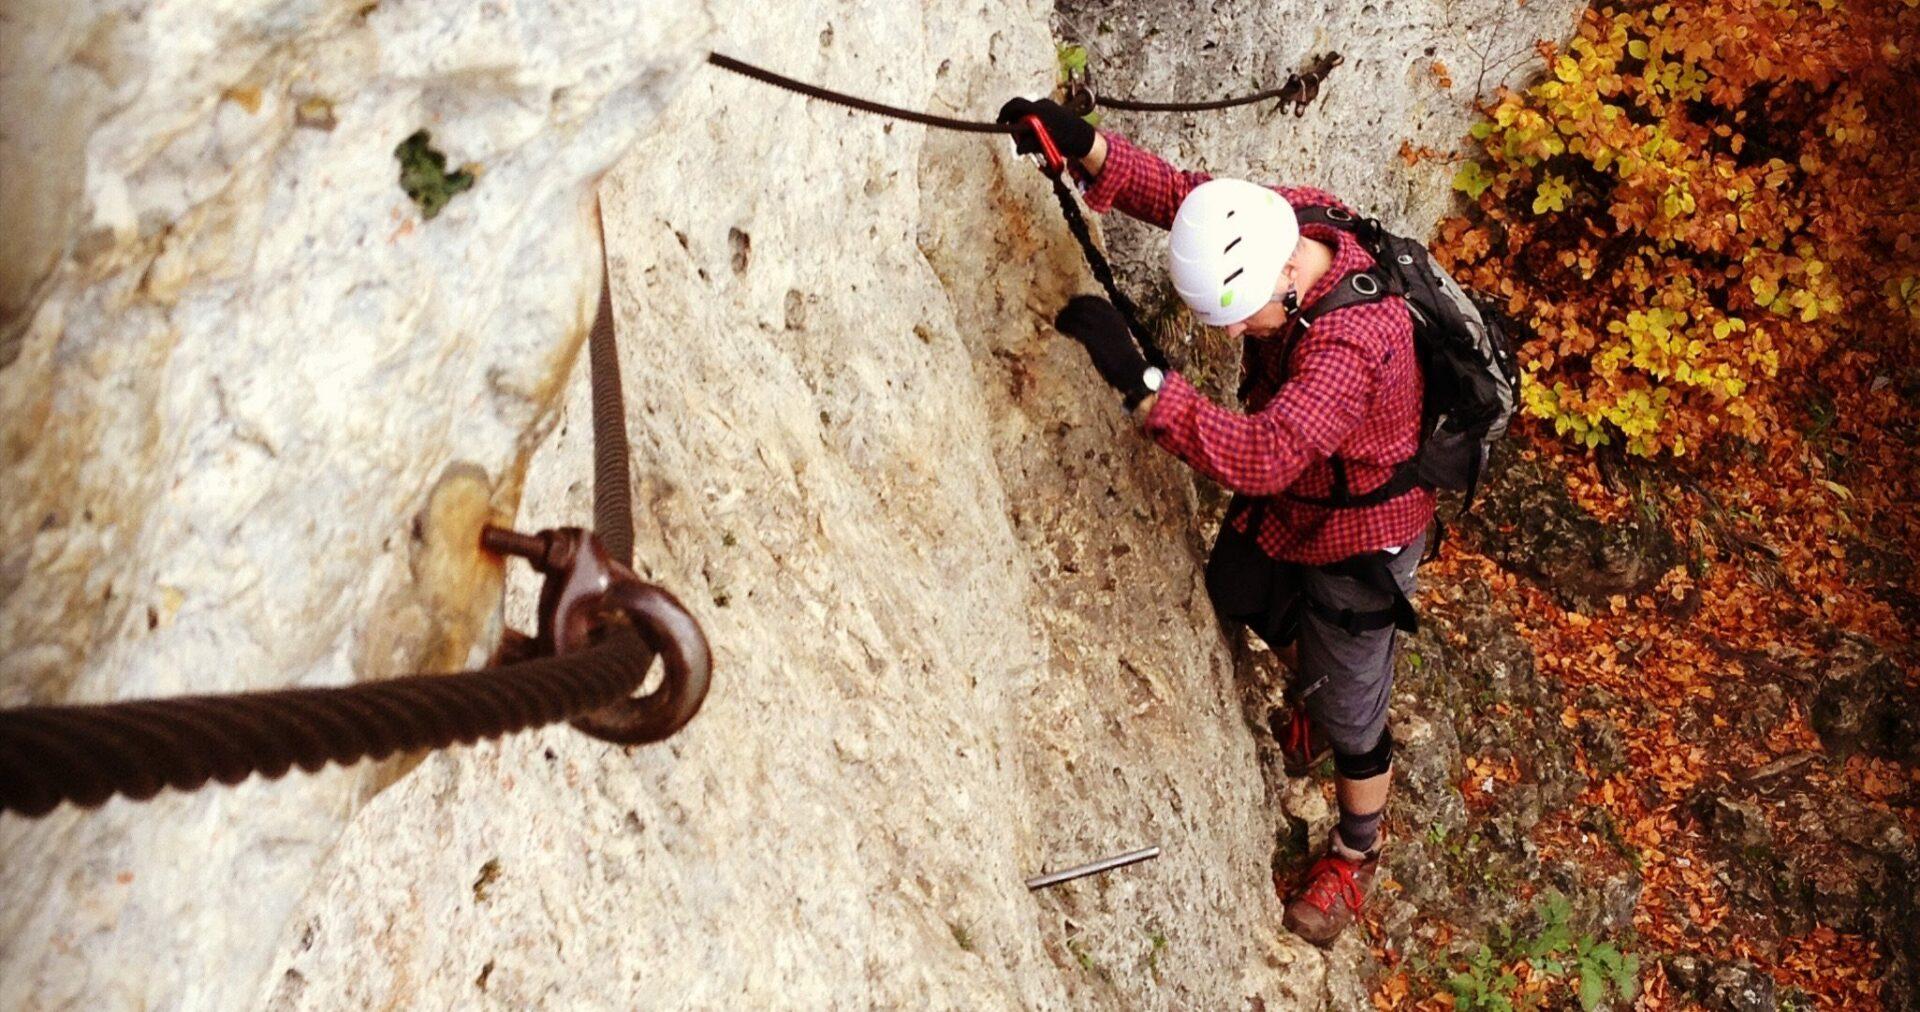 Klettersteig Germany : Der schönste flachlands klettersteig u2013 höhenglücksteig u203a mehr